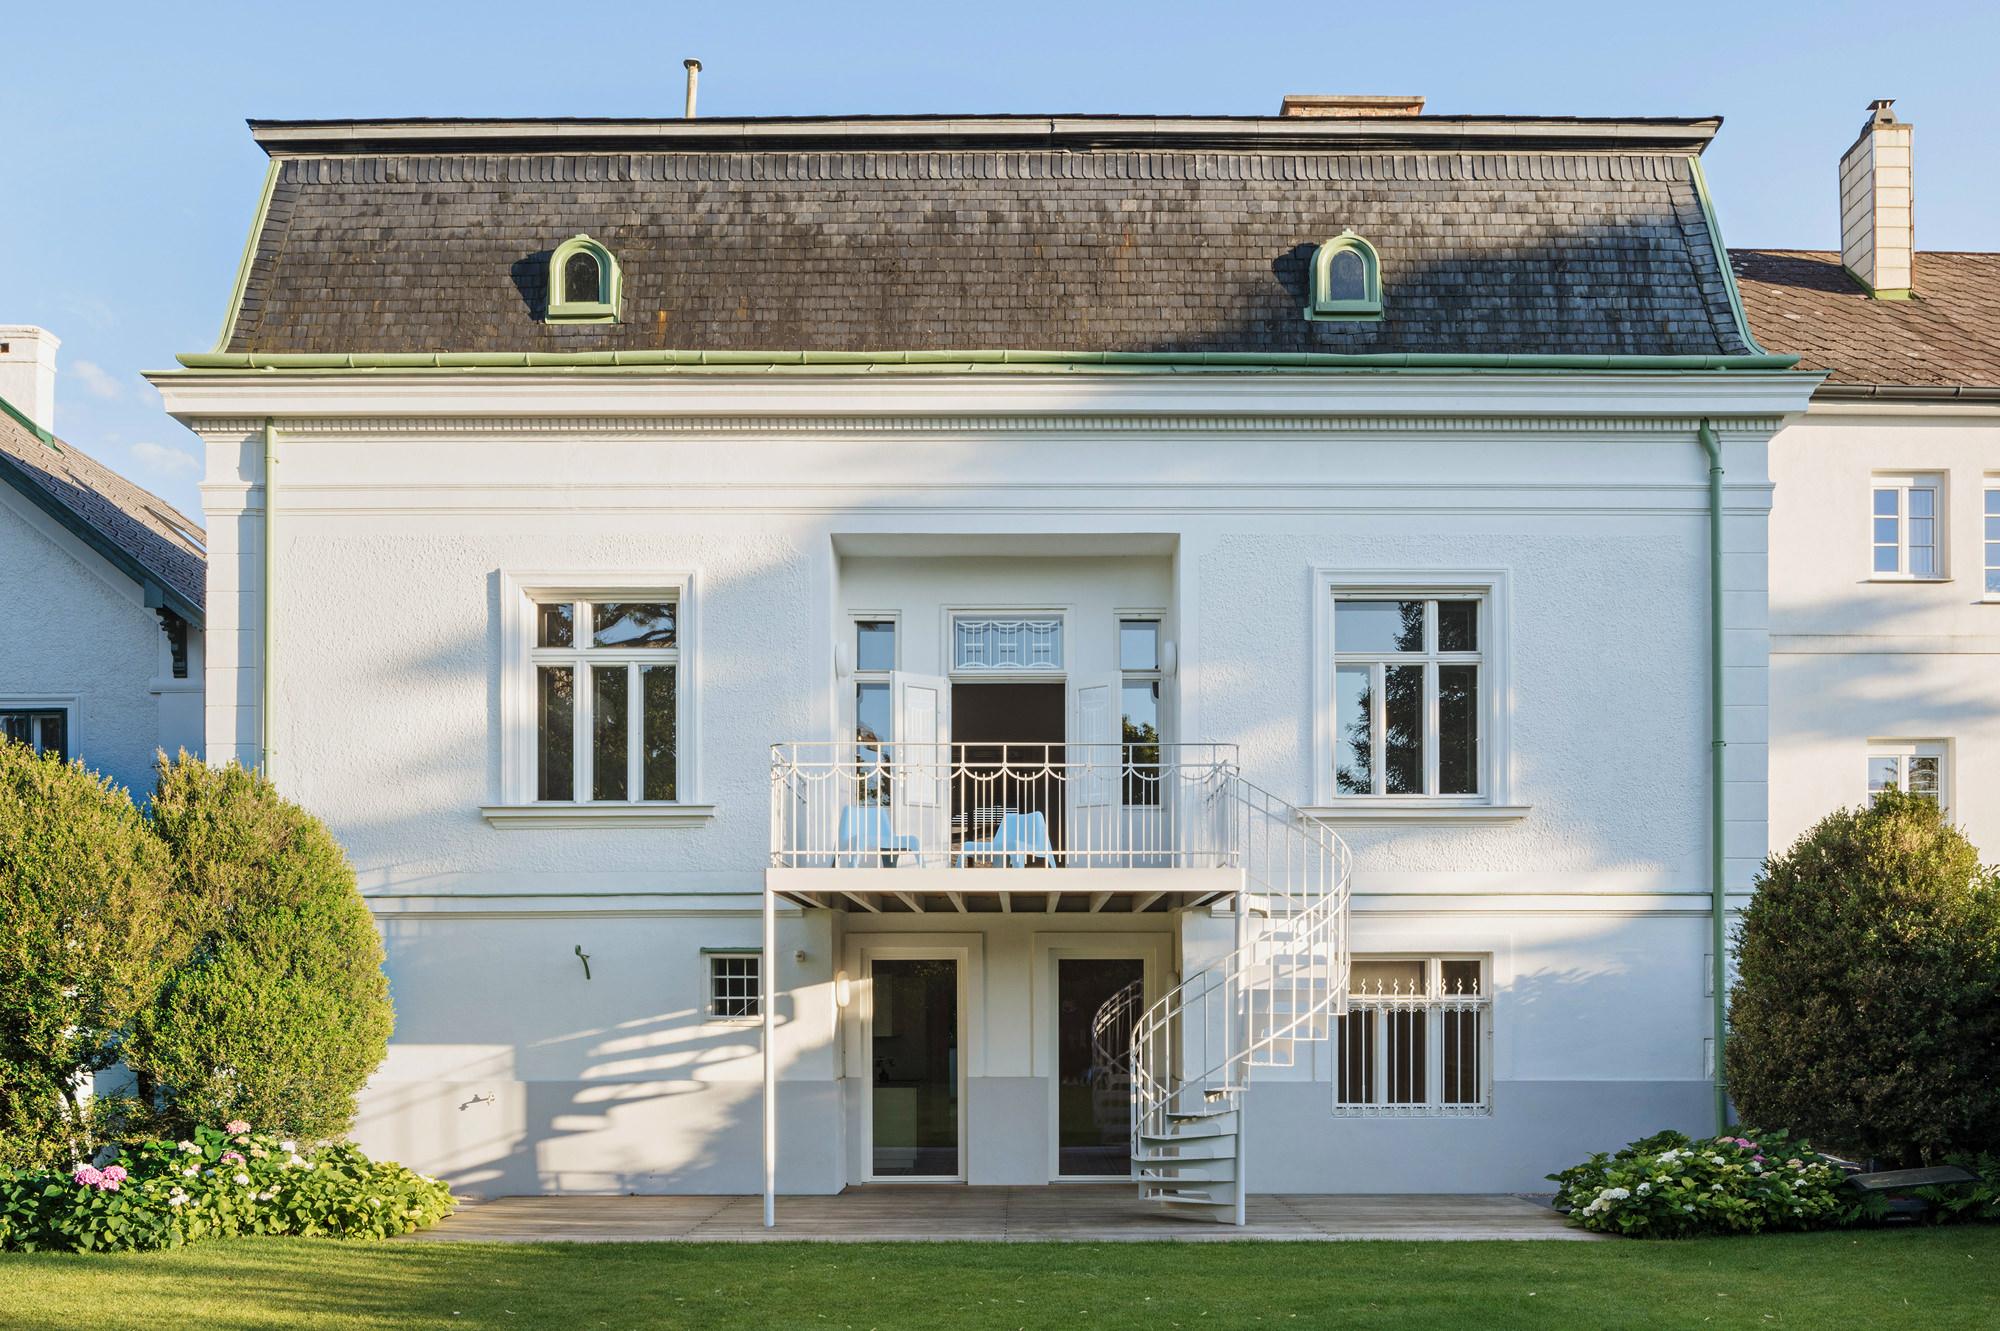 haus_T_07_sanierung_villa_in_moedling_niederoesterreich_junger_beer_architektur